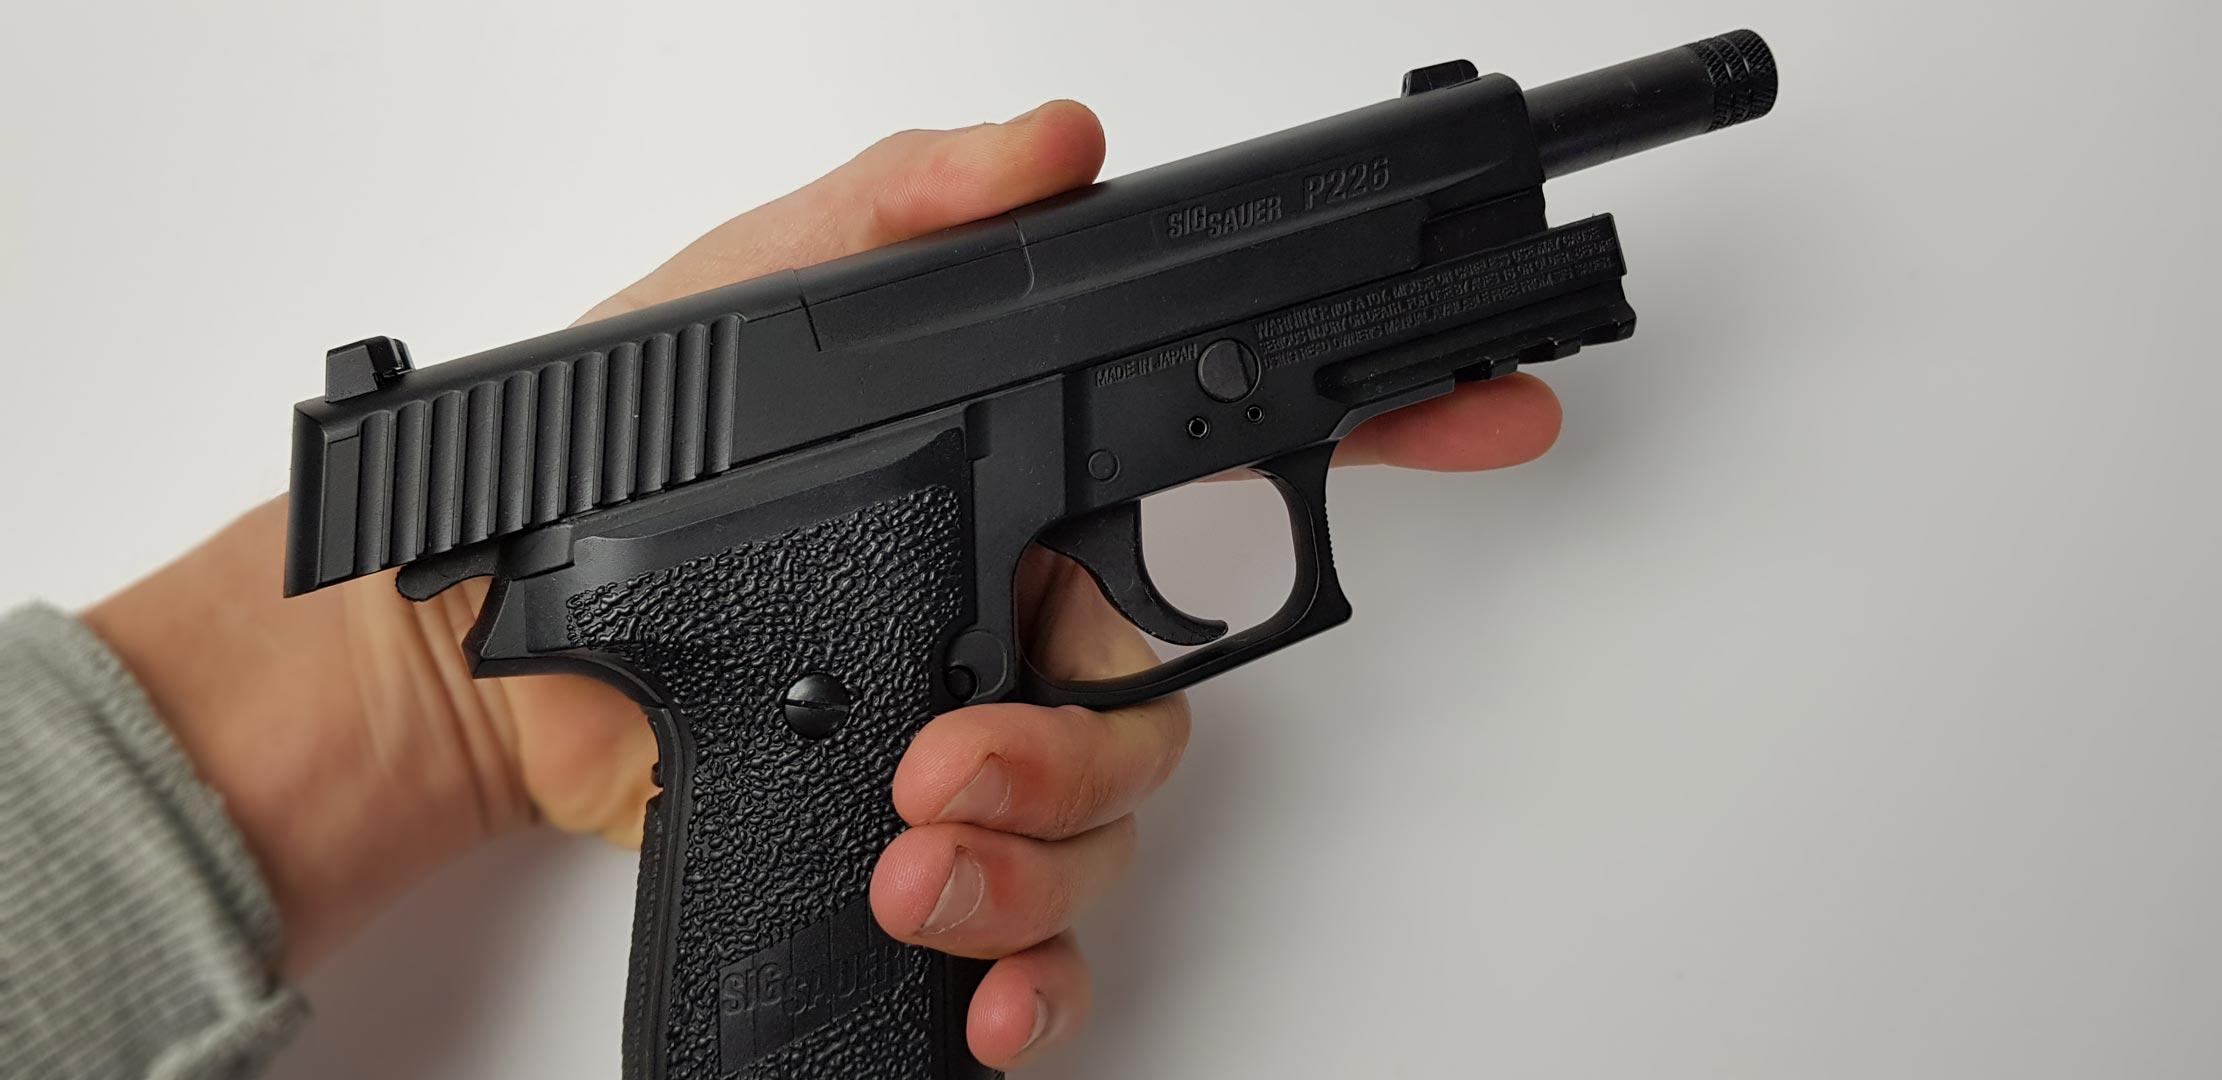 Sig Sauer P226 Blowback Co2 Pistole Kaufen Erfahrungen Und Schusstest Fiv Magazin